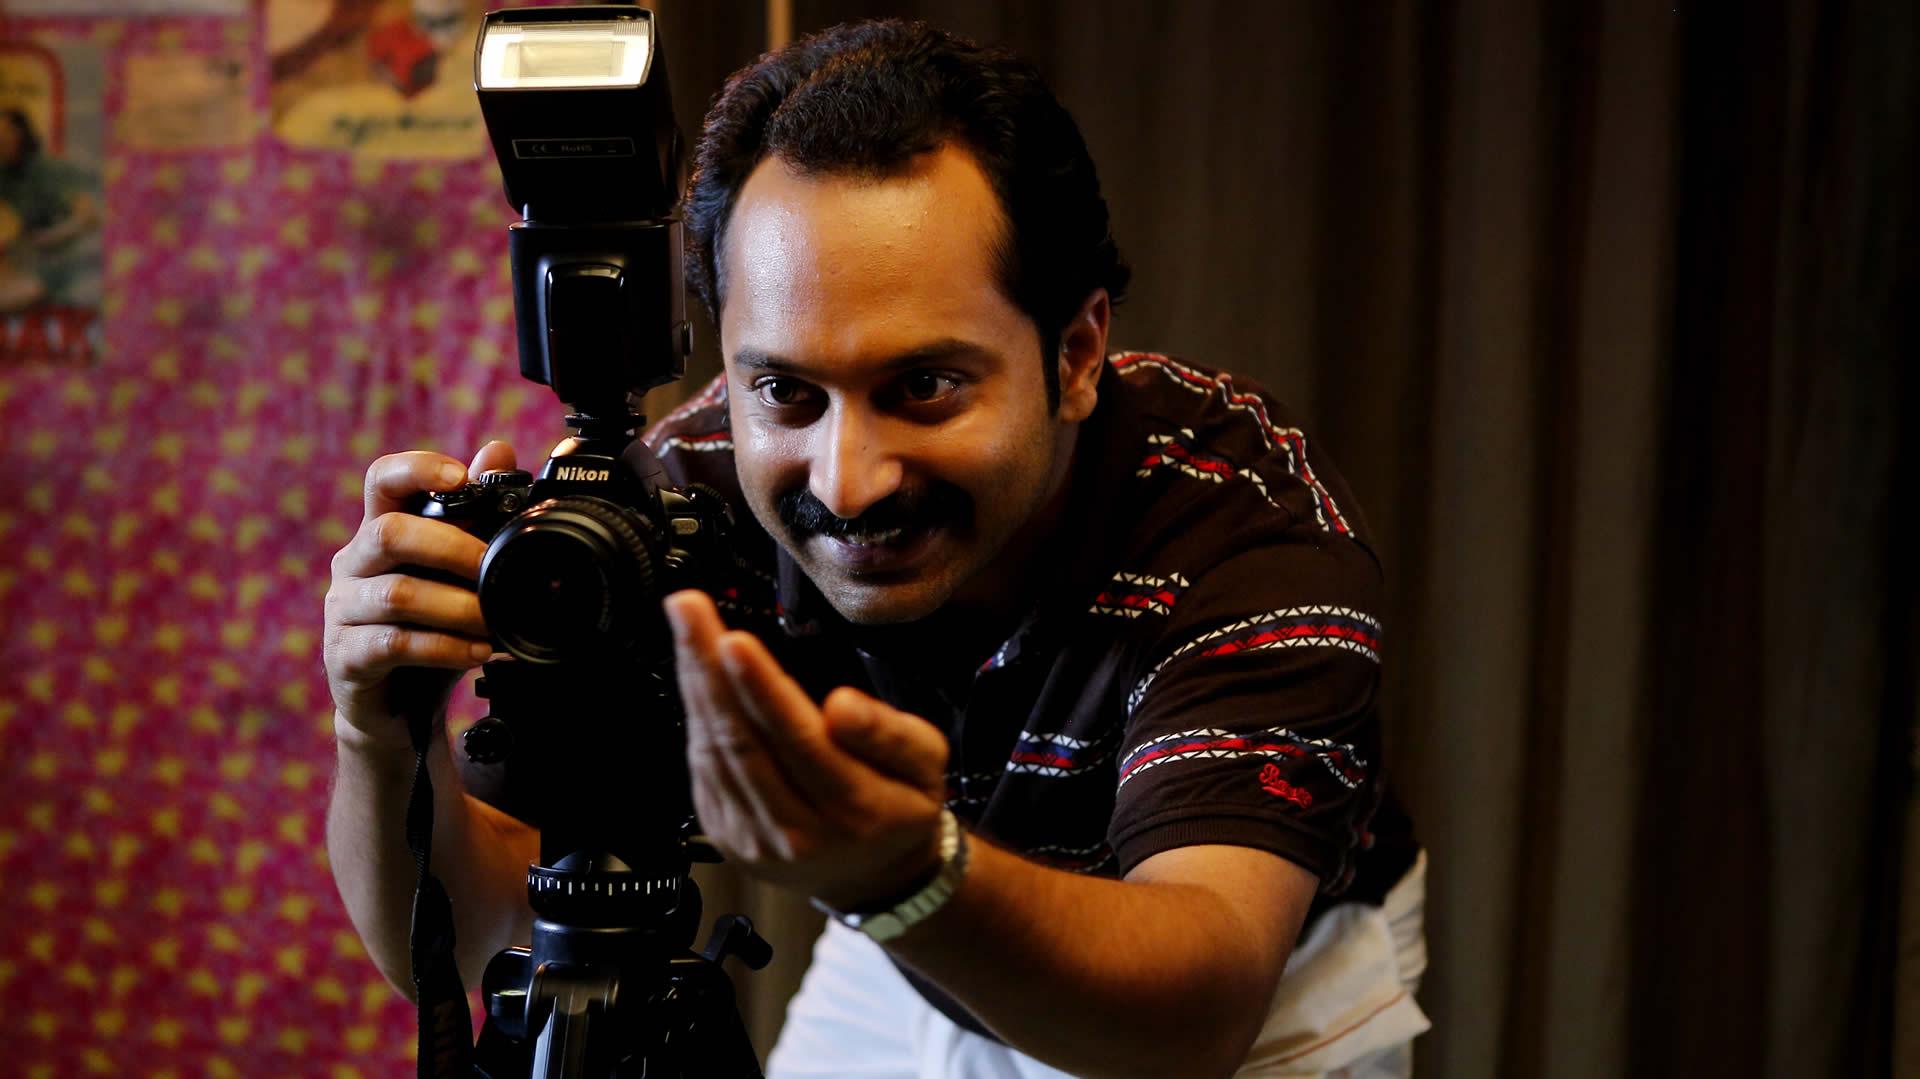 फिल्म के एक सीन में महेश नाम के फोटोग्रफर का टाइटल कैरेक्टर प्ले करने वाले क्रिटिक्ली अक्लेम्ड एक्टर फहाद फाज़िल.